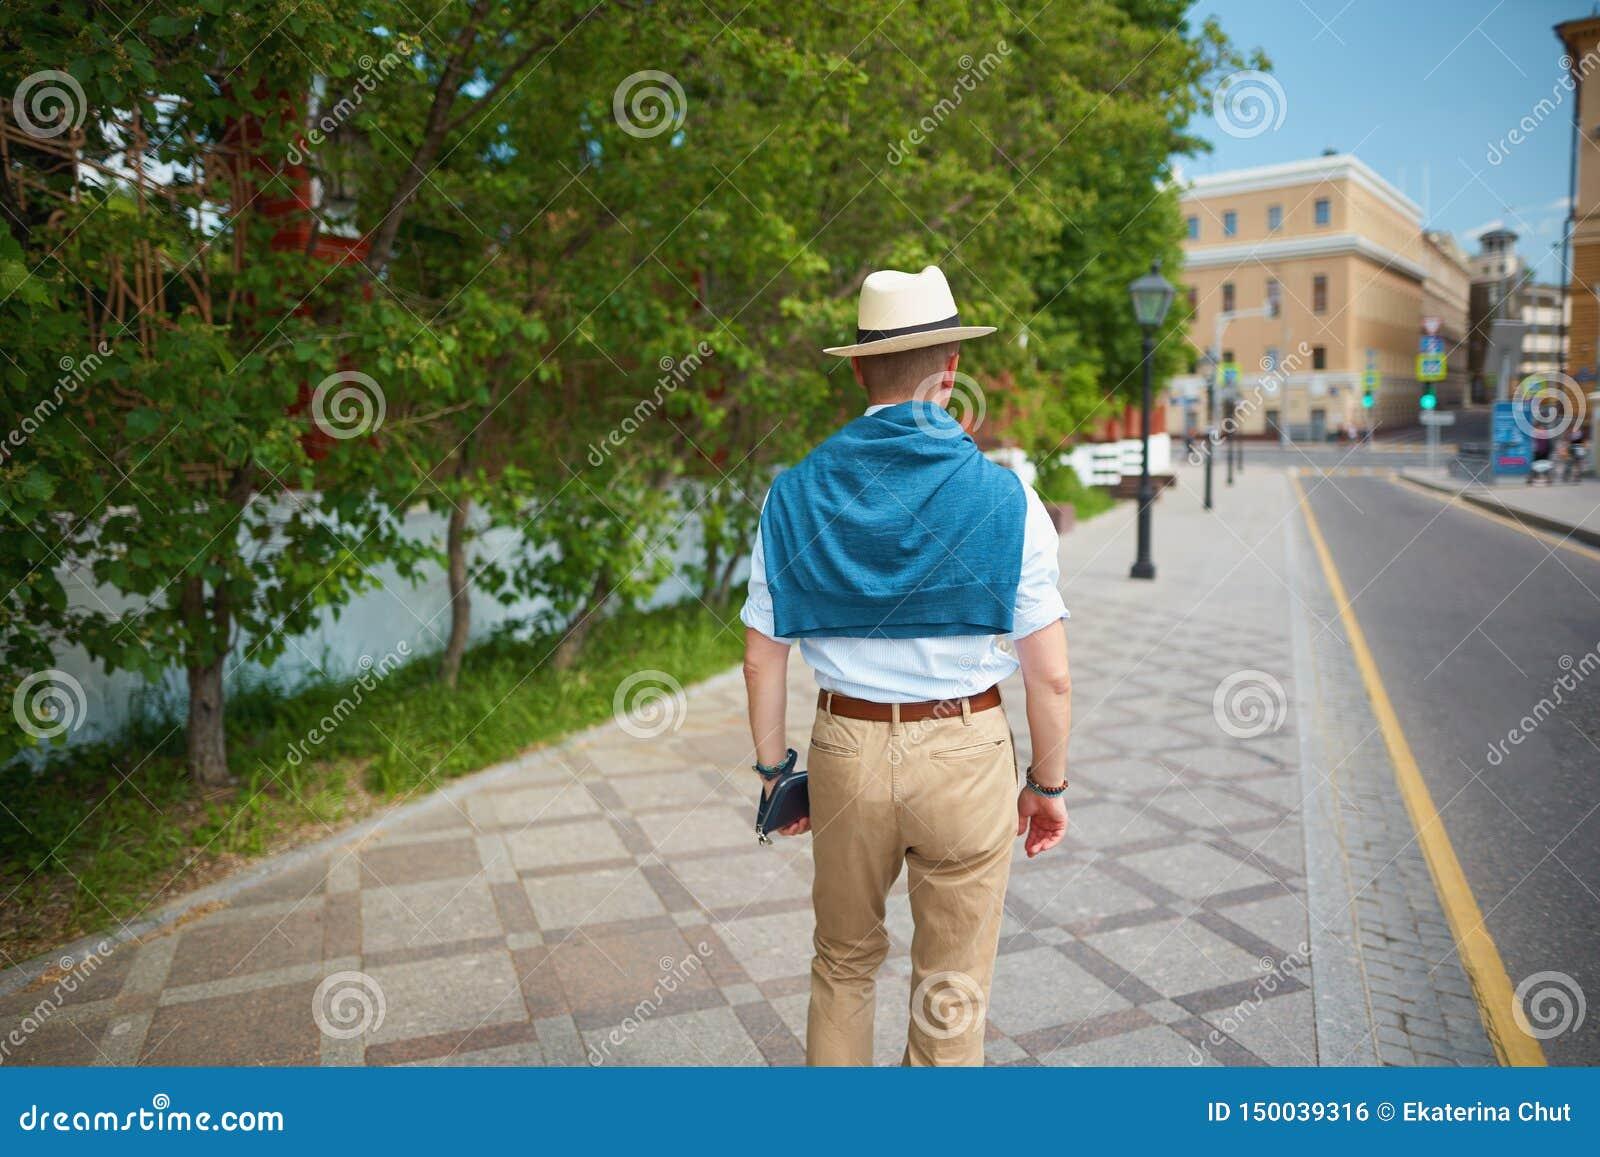 Uomo elegante che cammina su una via della città